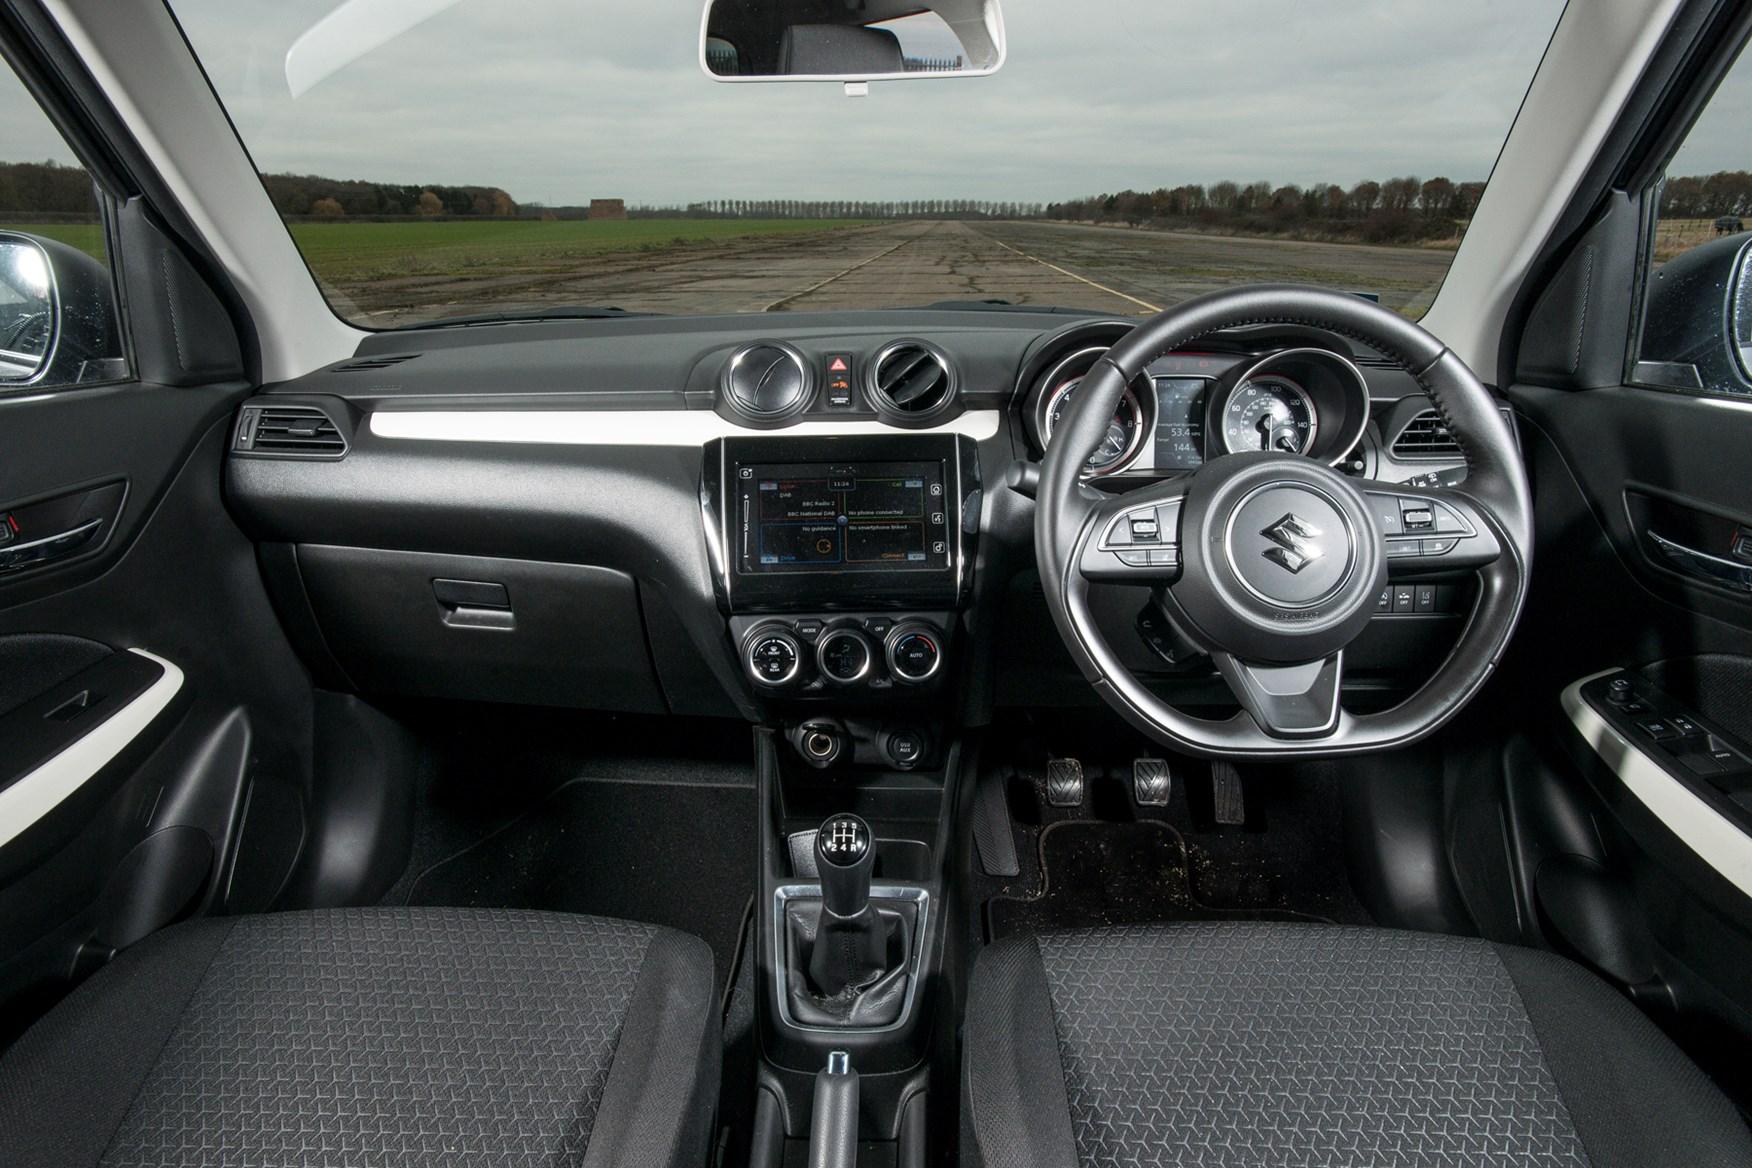 Suzuki Swift Interior